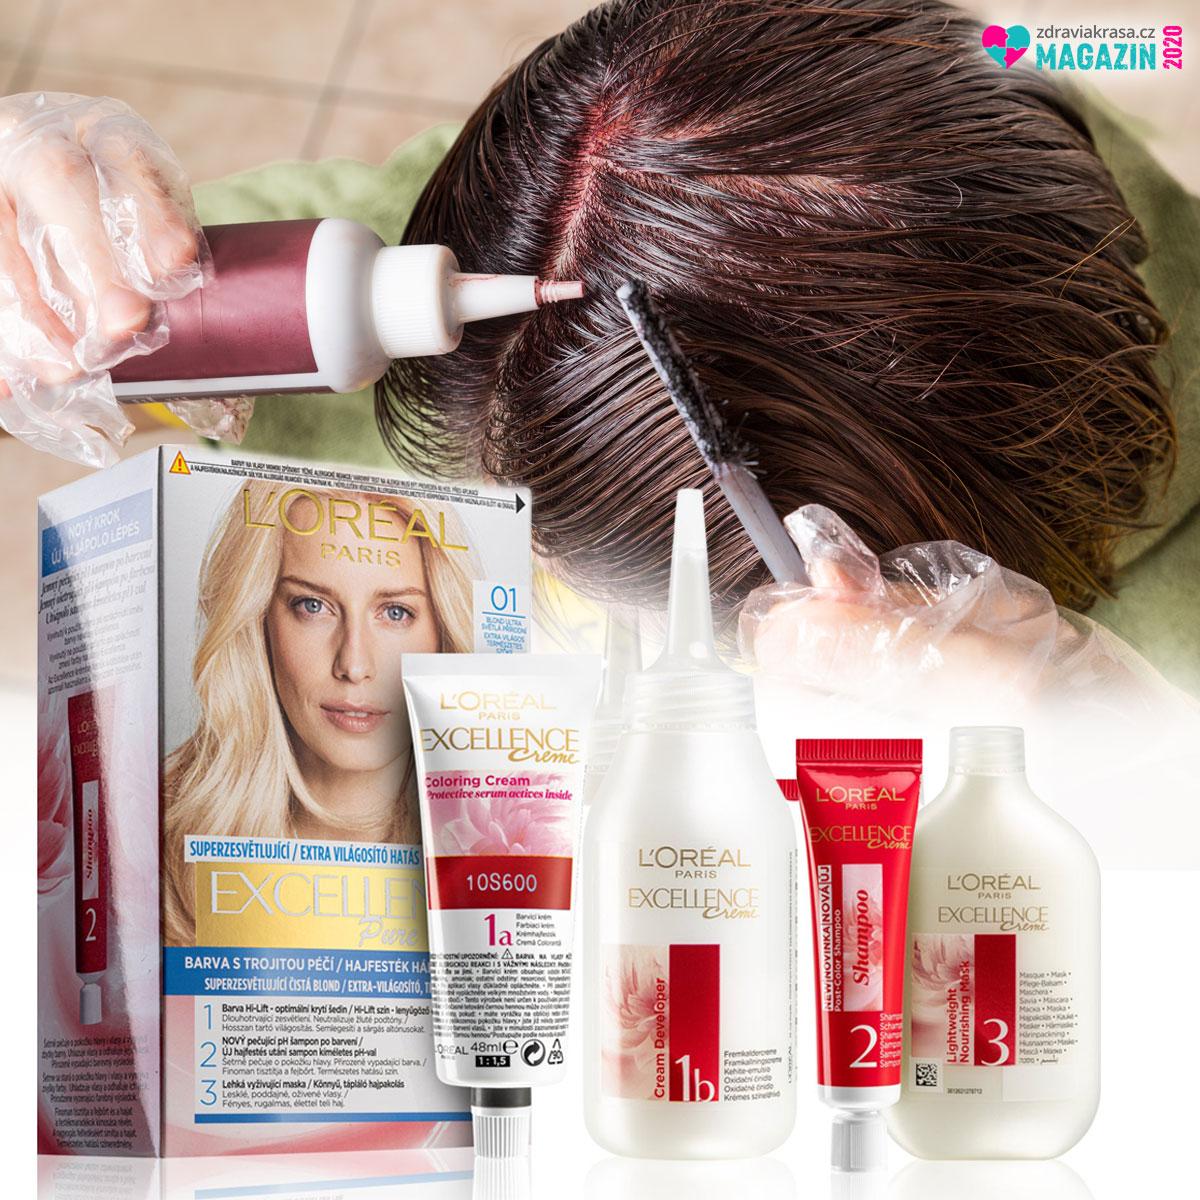 Barvení vlasů doma může být stejně profesionální, jako v kadeřnictví. Potřebujete k tomu jen profi barvy a profi vlasovou kosmetiku.